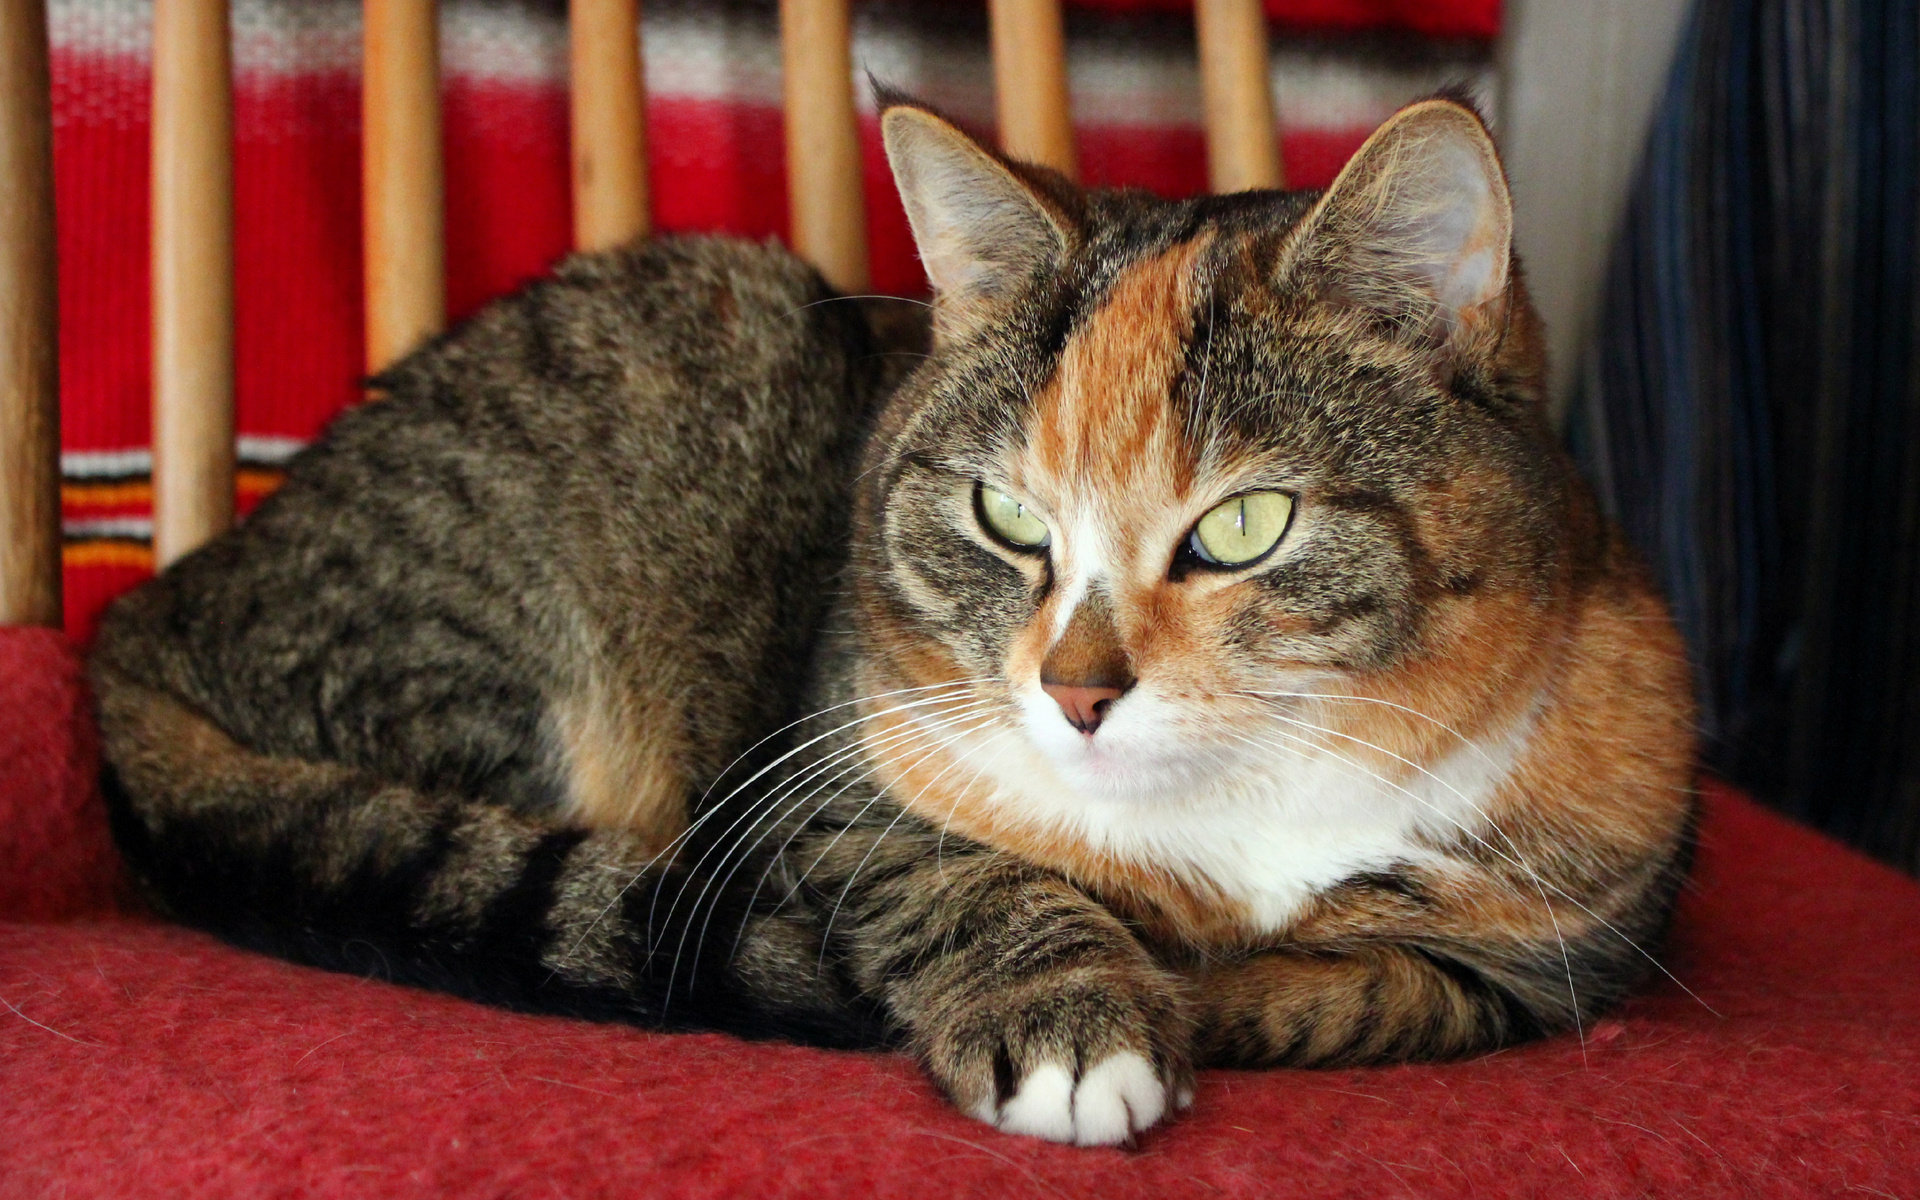 выложил сторис посмотреть интересные фото кошек книге